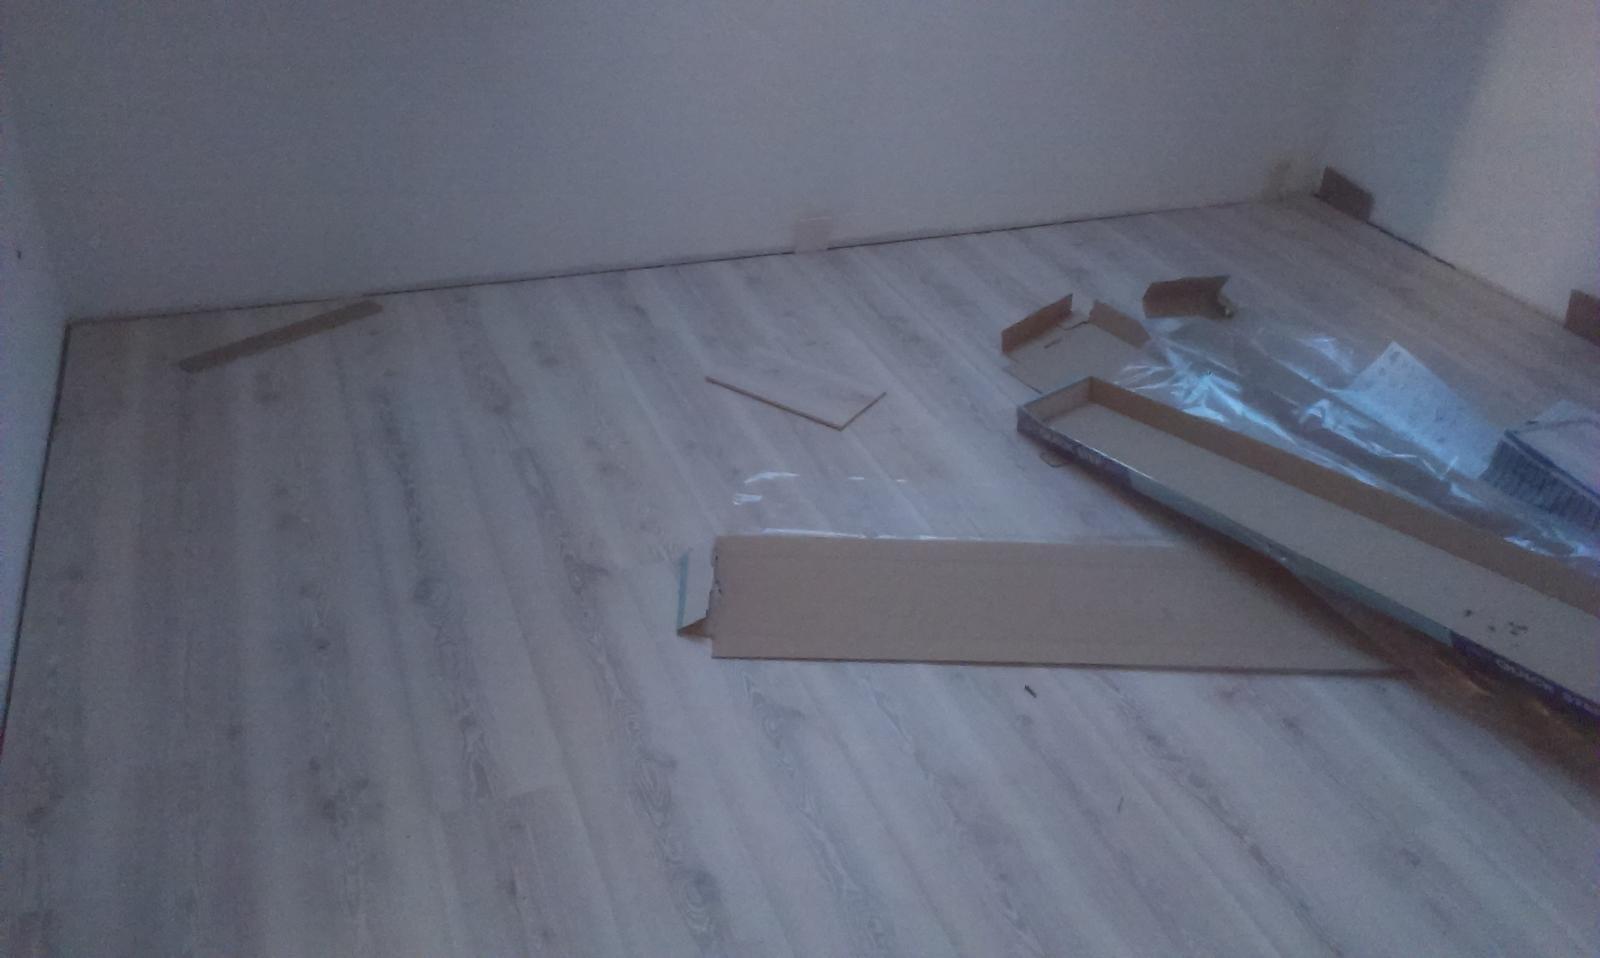 Nova 77 - 8. deň montáže sa niesol v znamení podláh a kúpelní :-) A dobrá správa, dom bude hotový o deň skor :-)